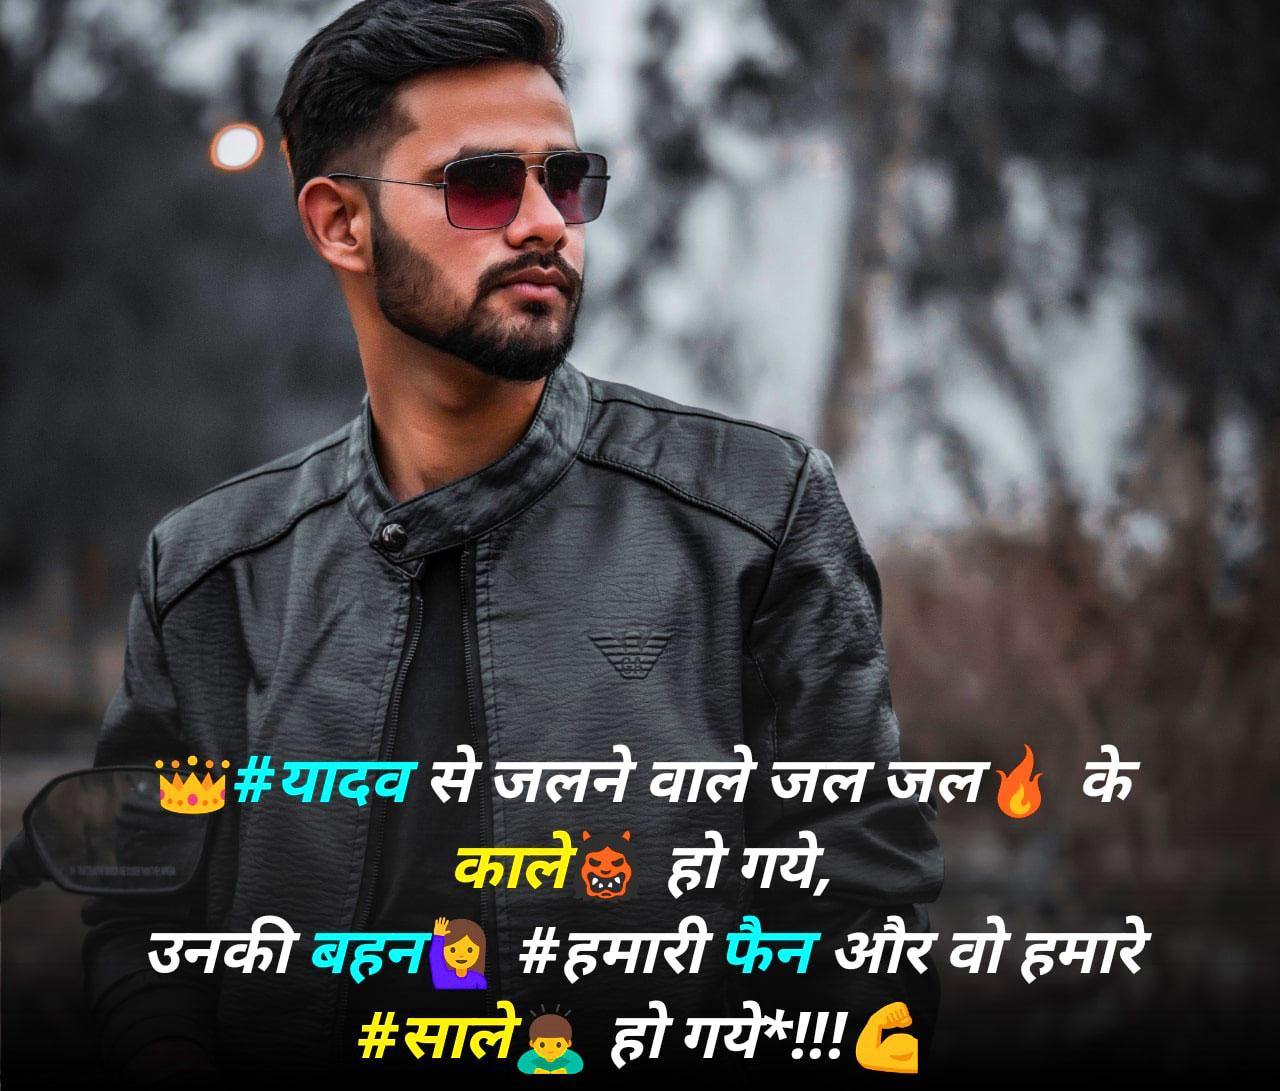 hindi Latest Yadav Ji Whatsapp Dp Images pics hd